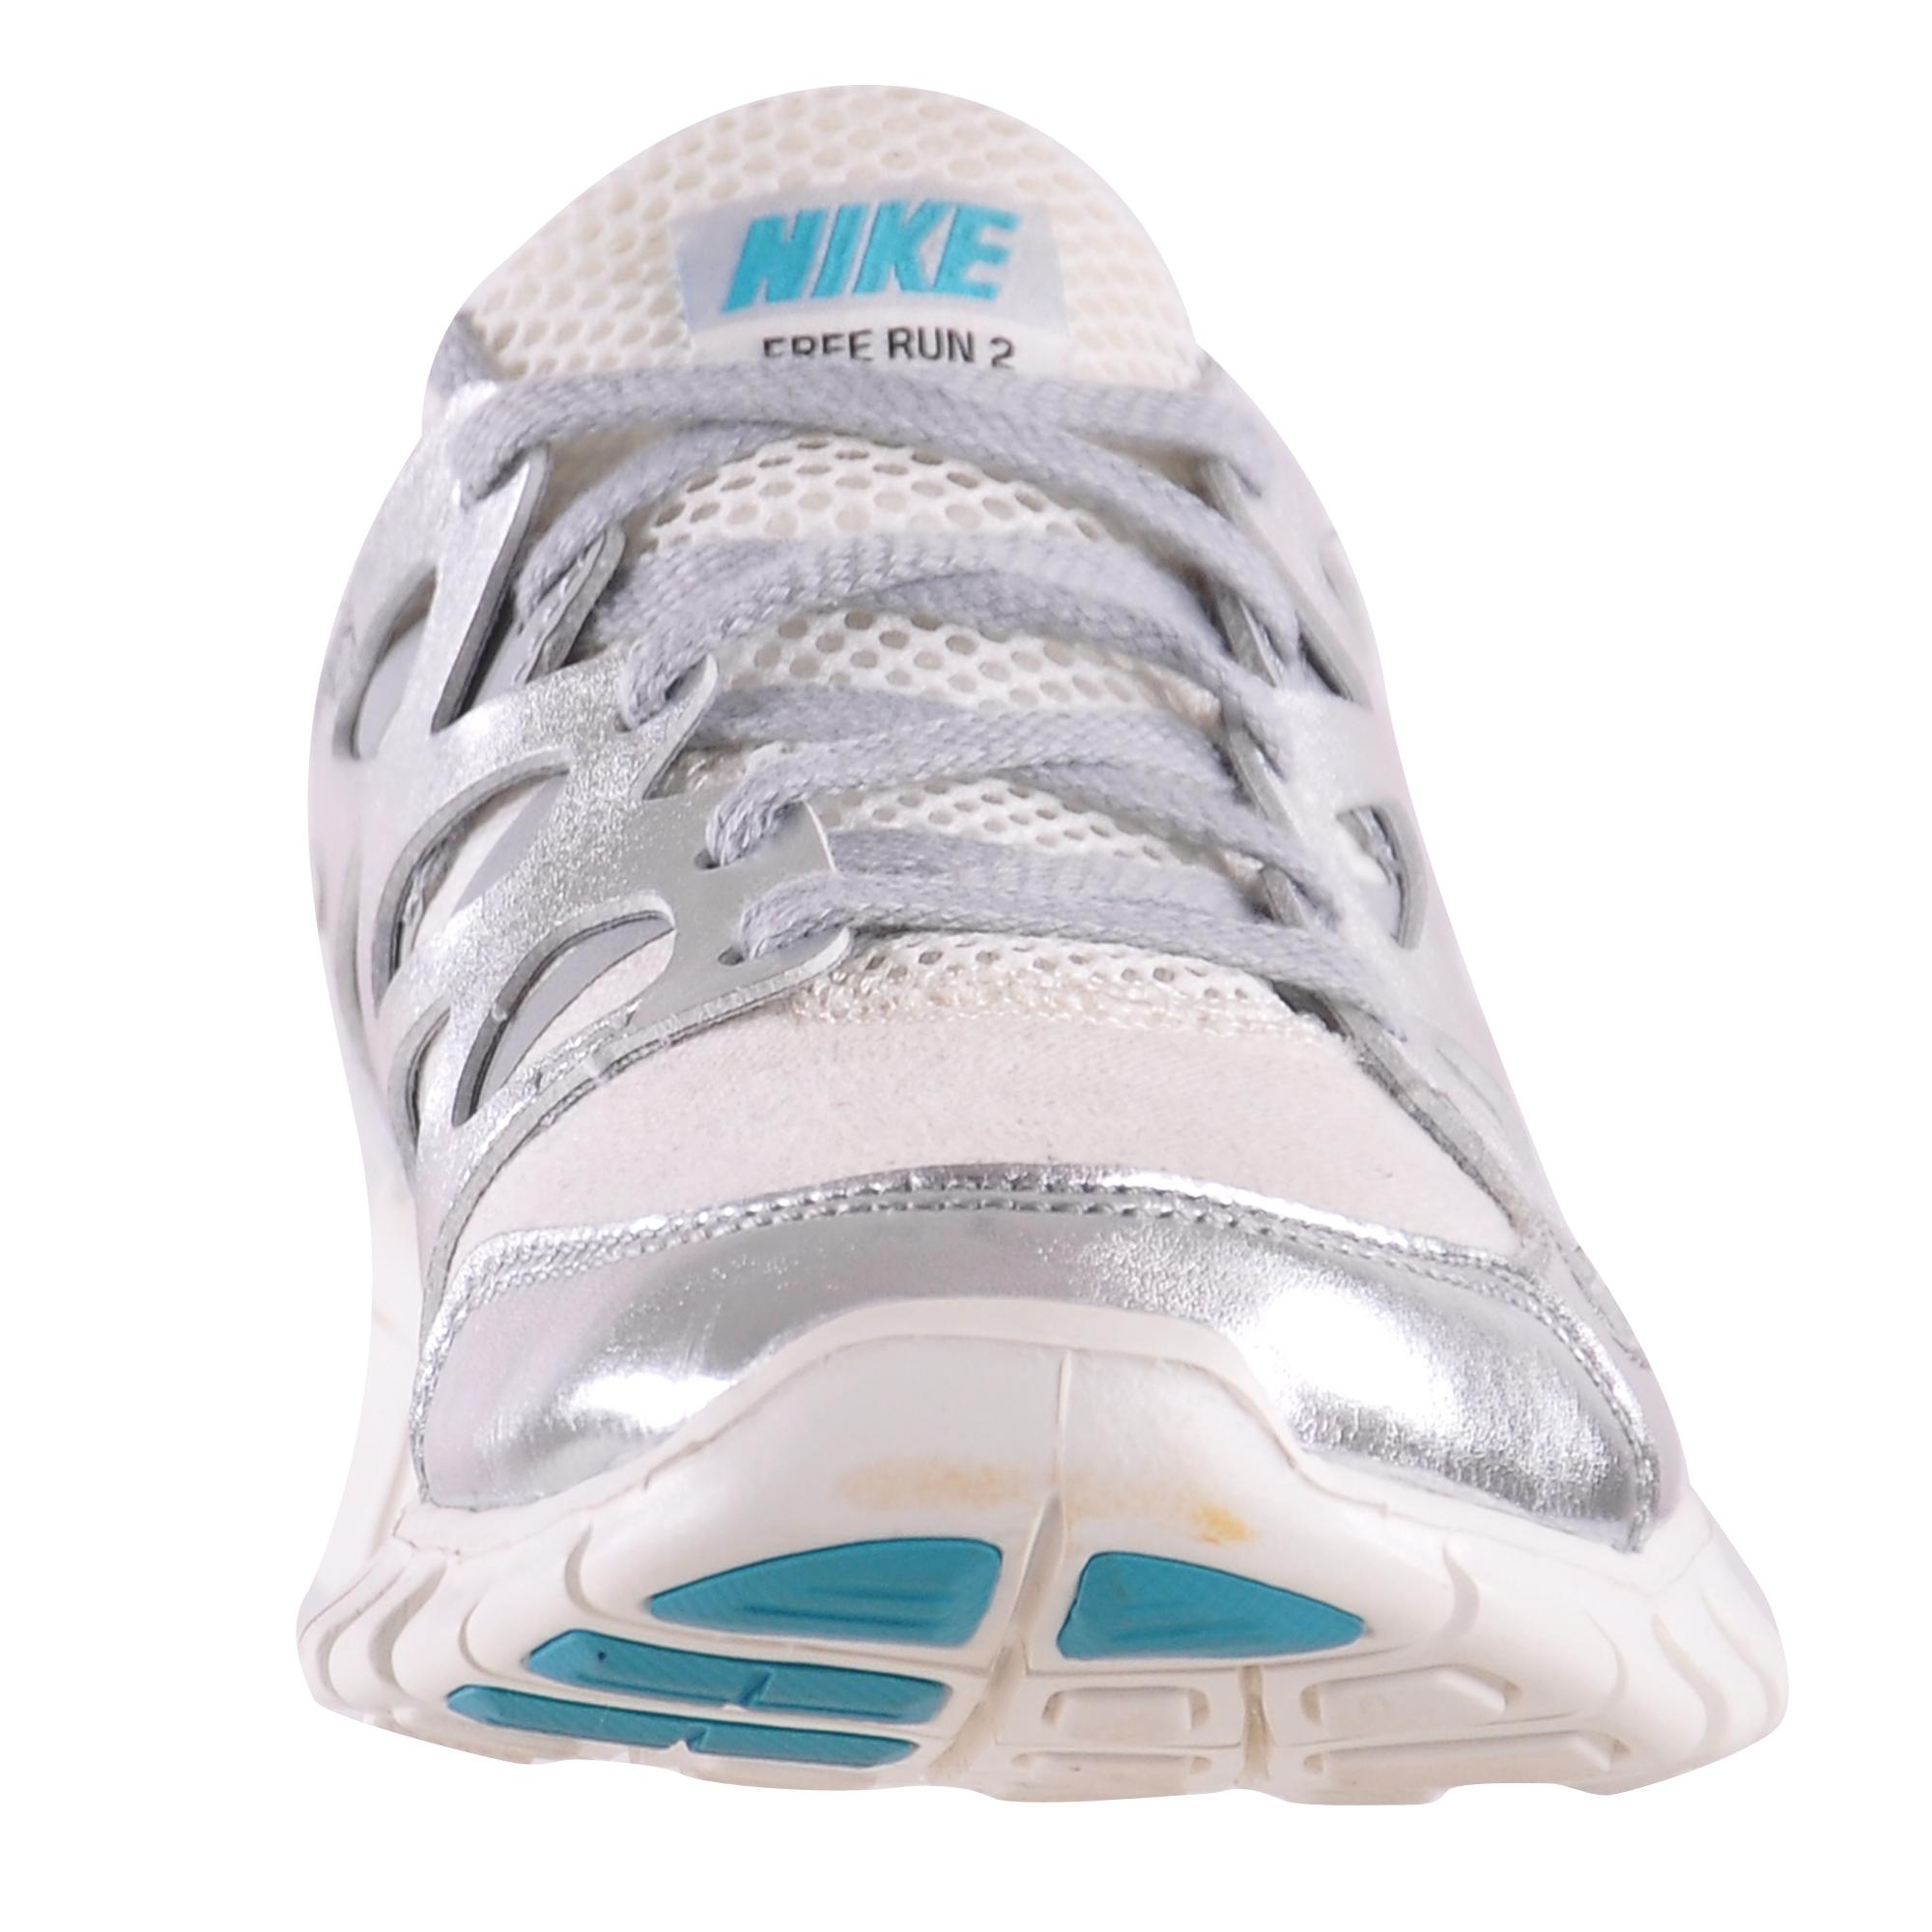 634ec9295bf1 Nike Free Run 2 Prm Ext Kadın Spor Ayakkabı  555340-100 - Barcin.com